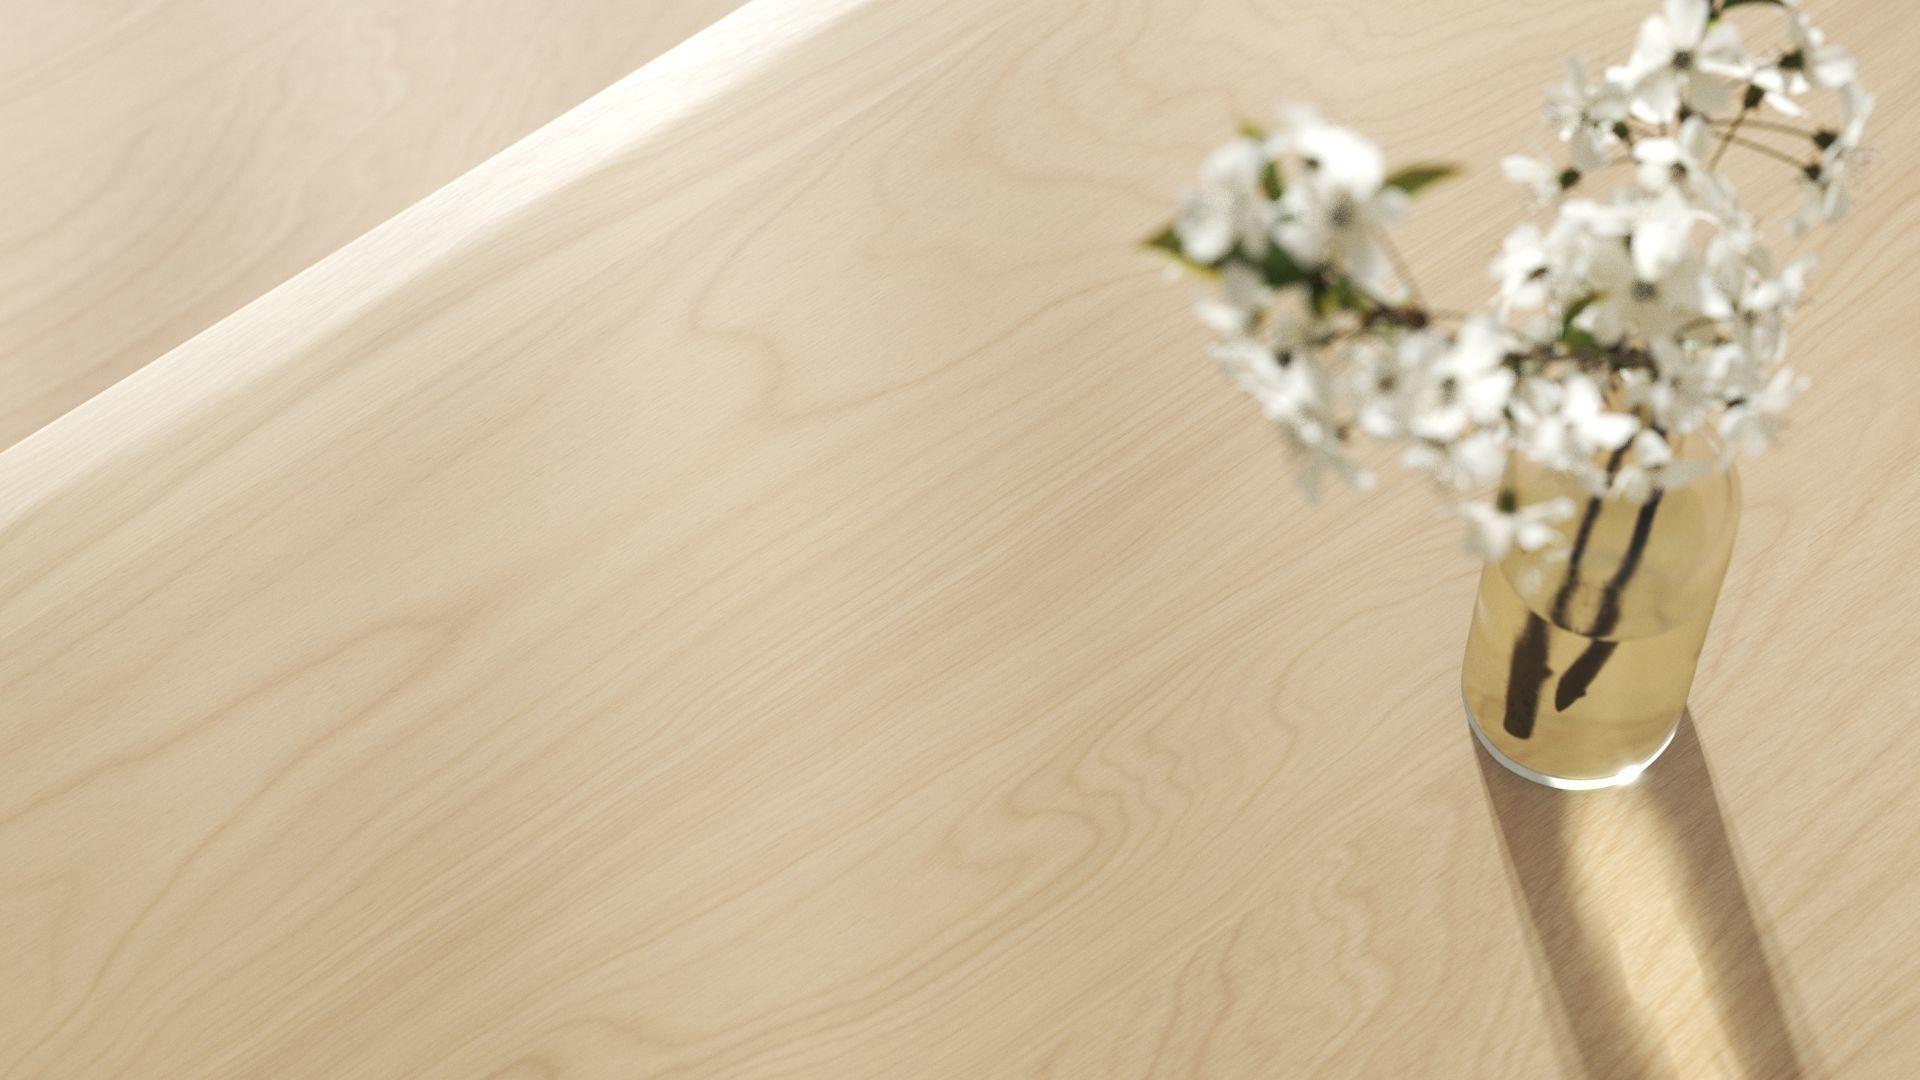 Maple wood veneer texture